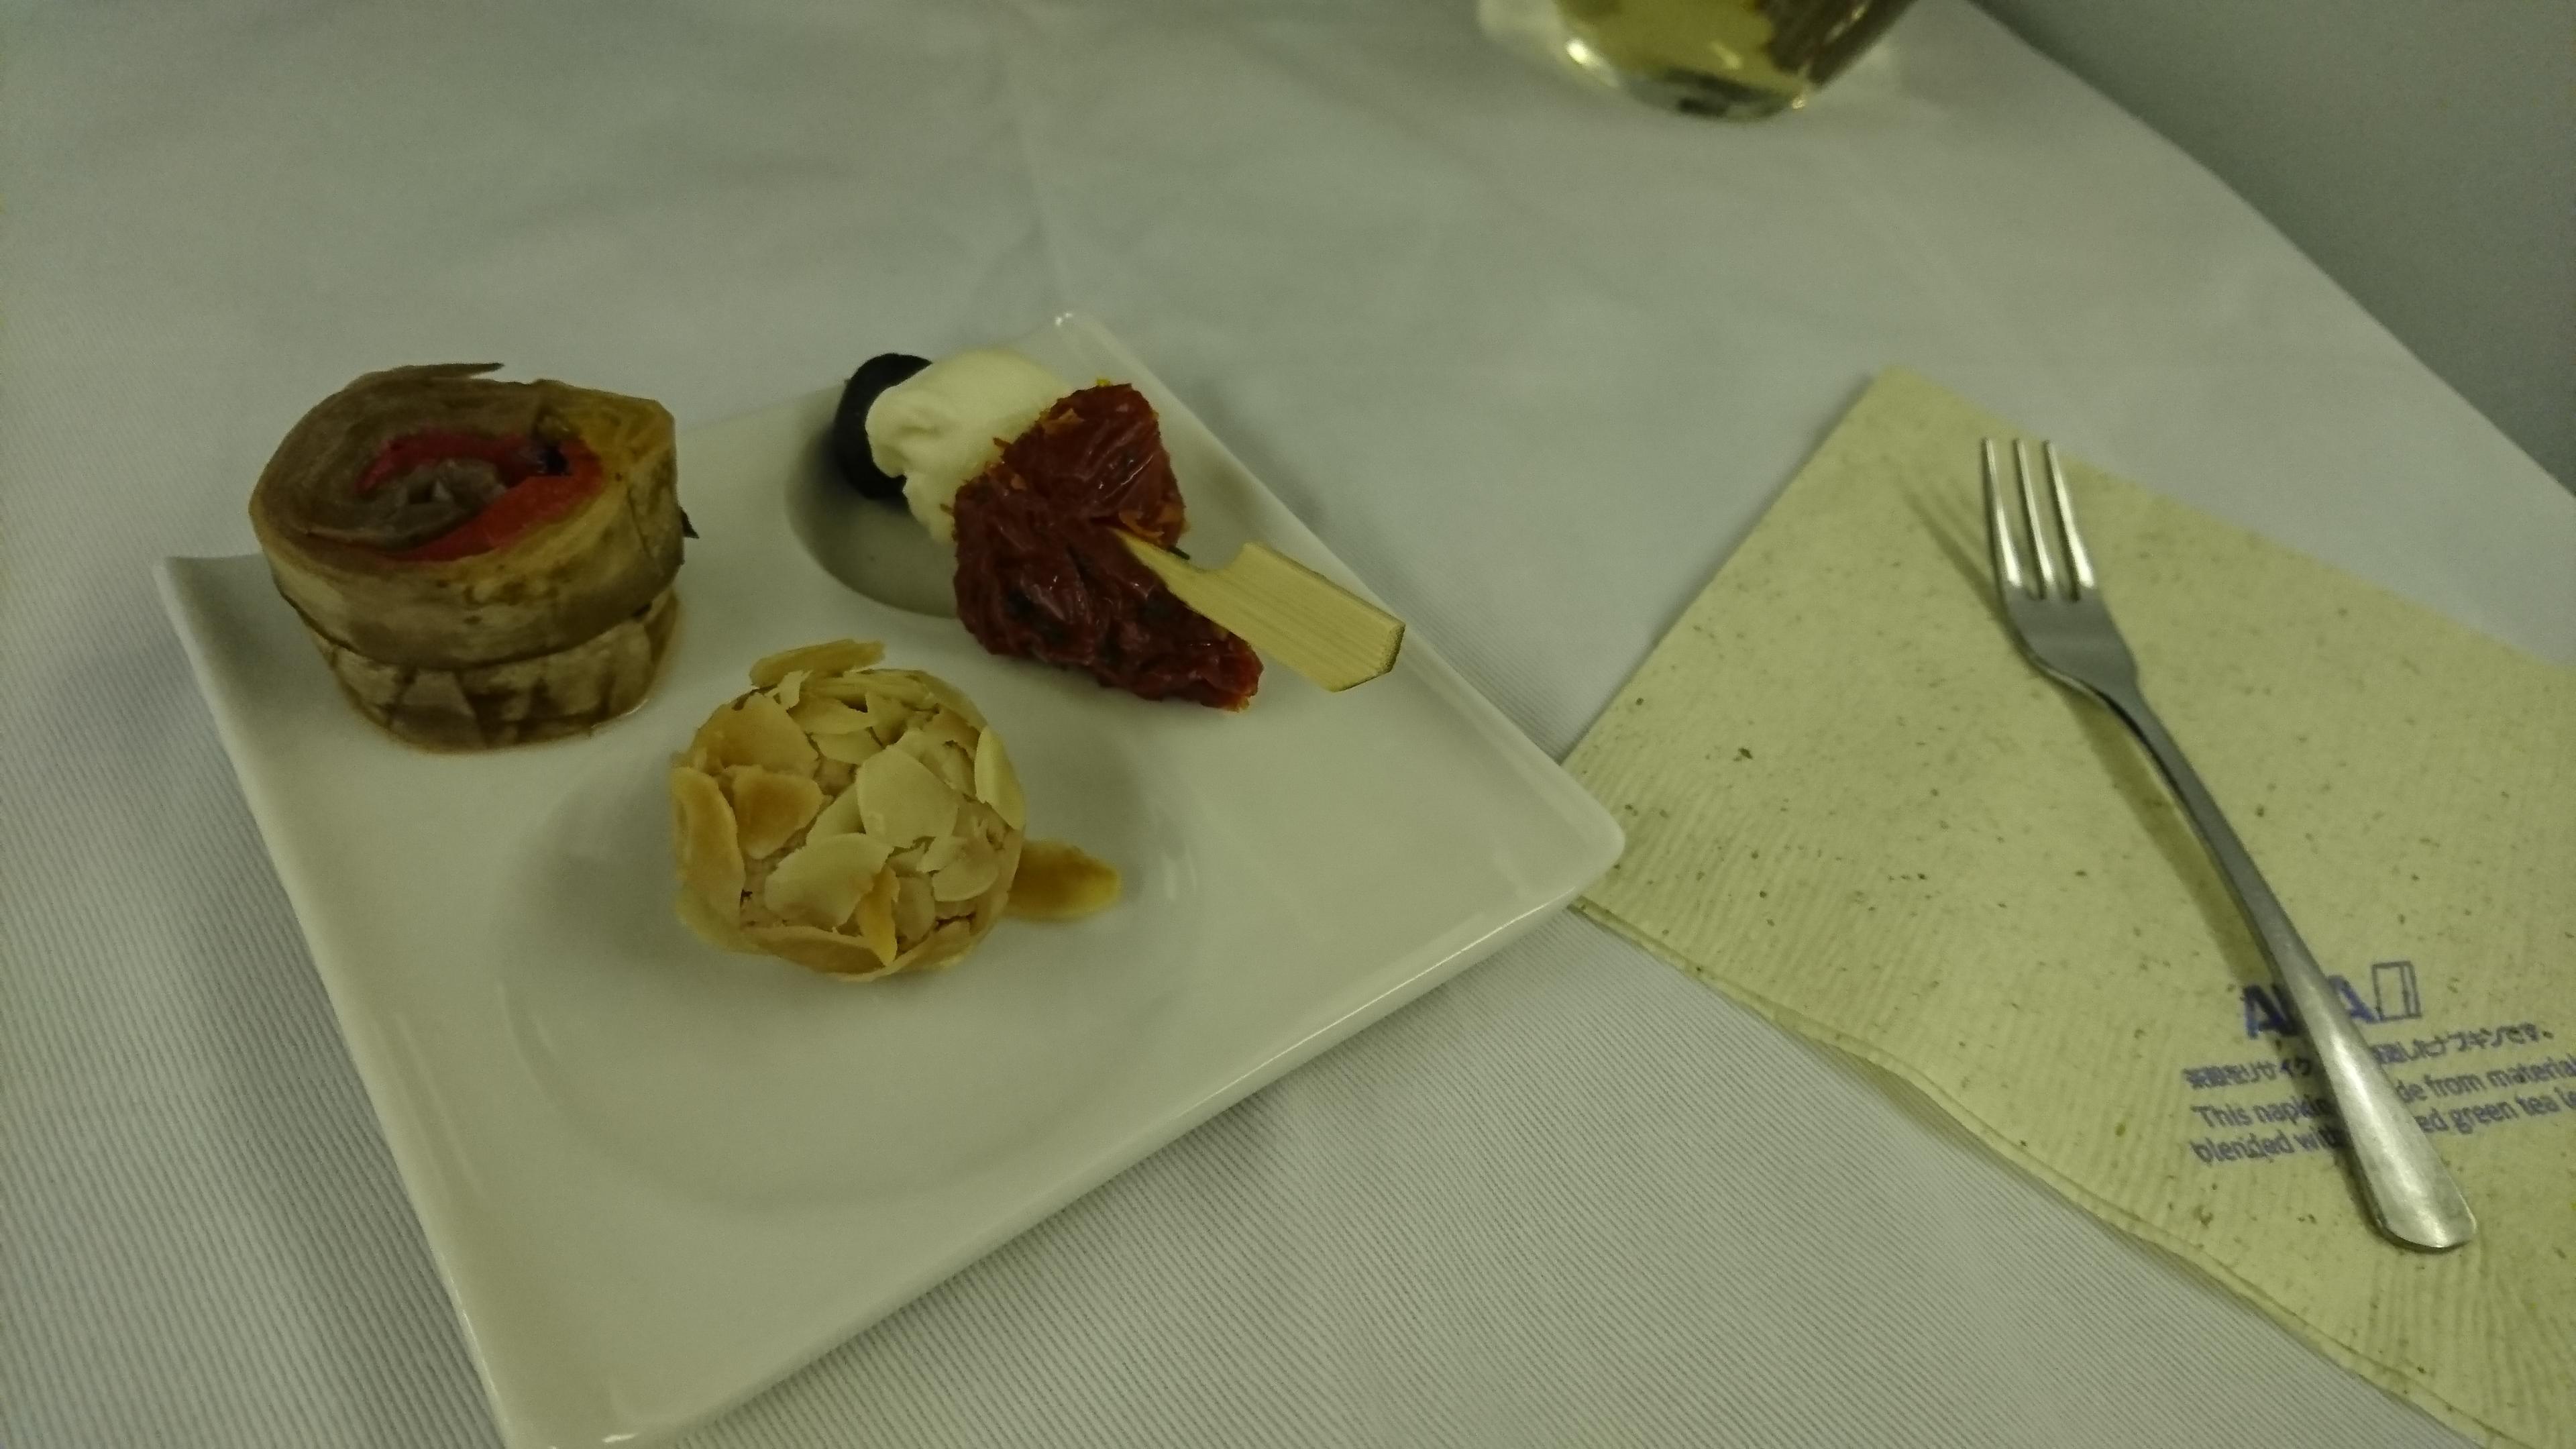 ANAビジネスクラス機内食のアミューズ